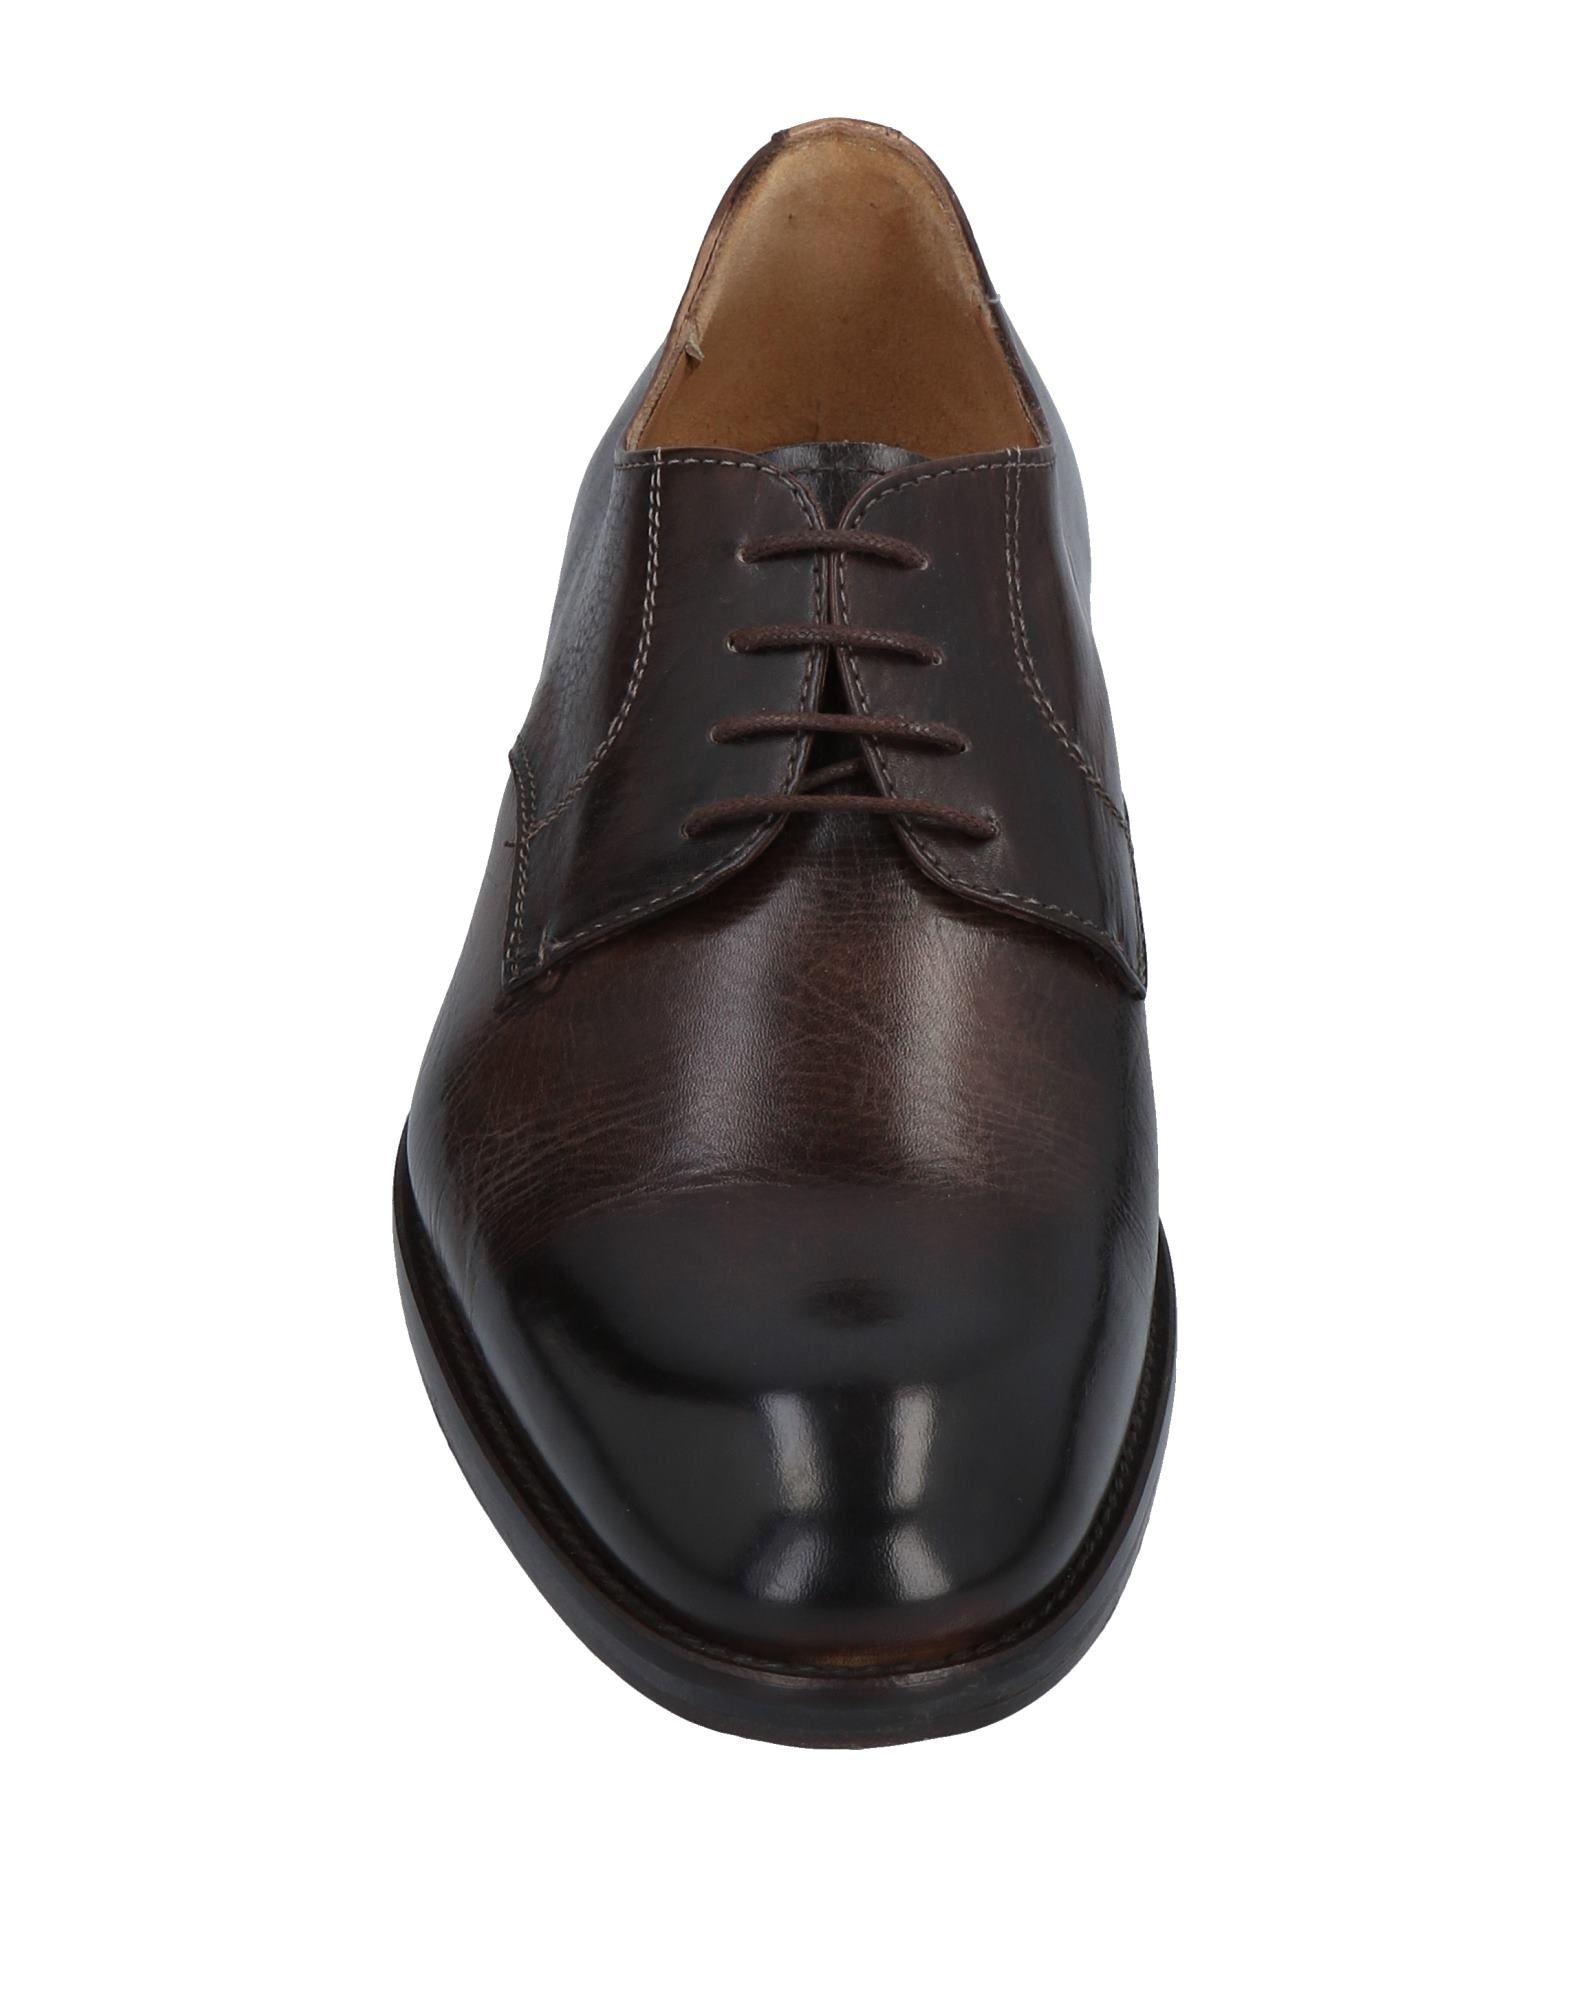 Rabatt echte Schuhe Il Calzolaio Schnürschuhe Herren  11477518SX